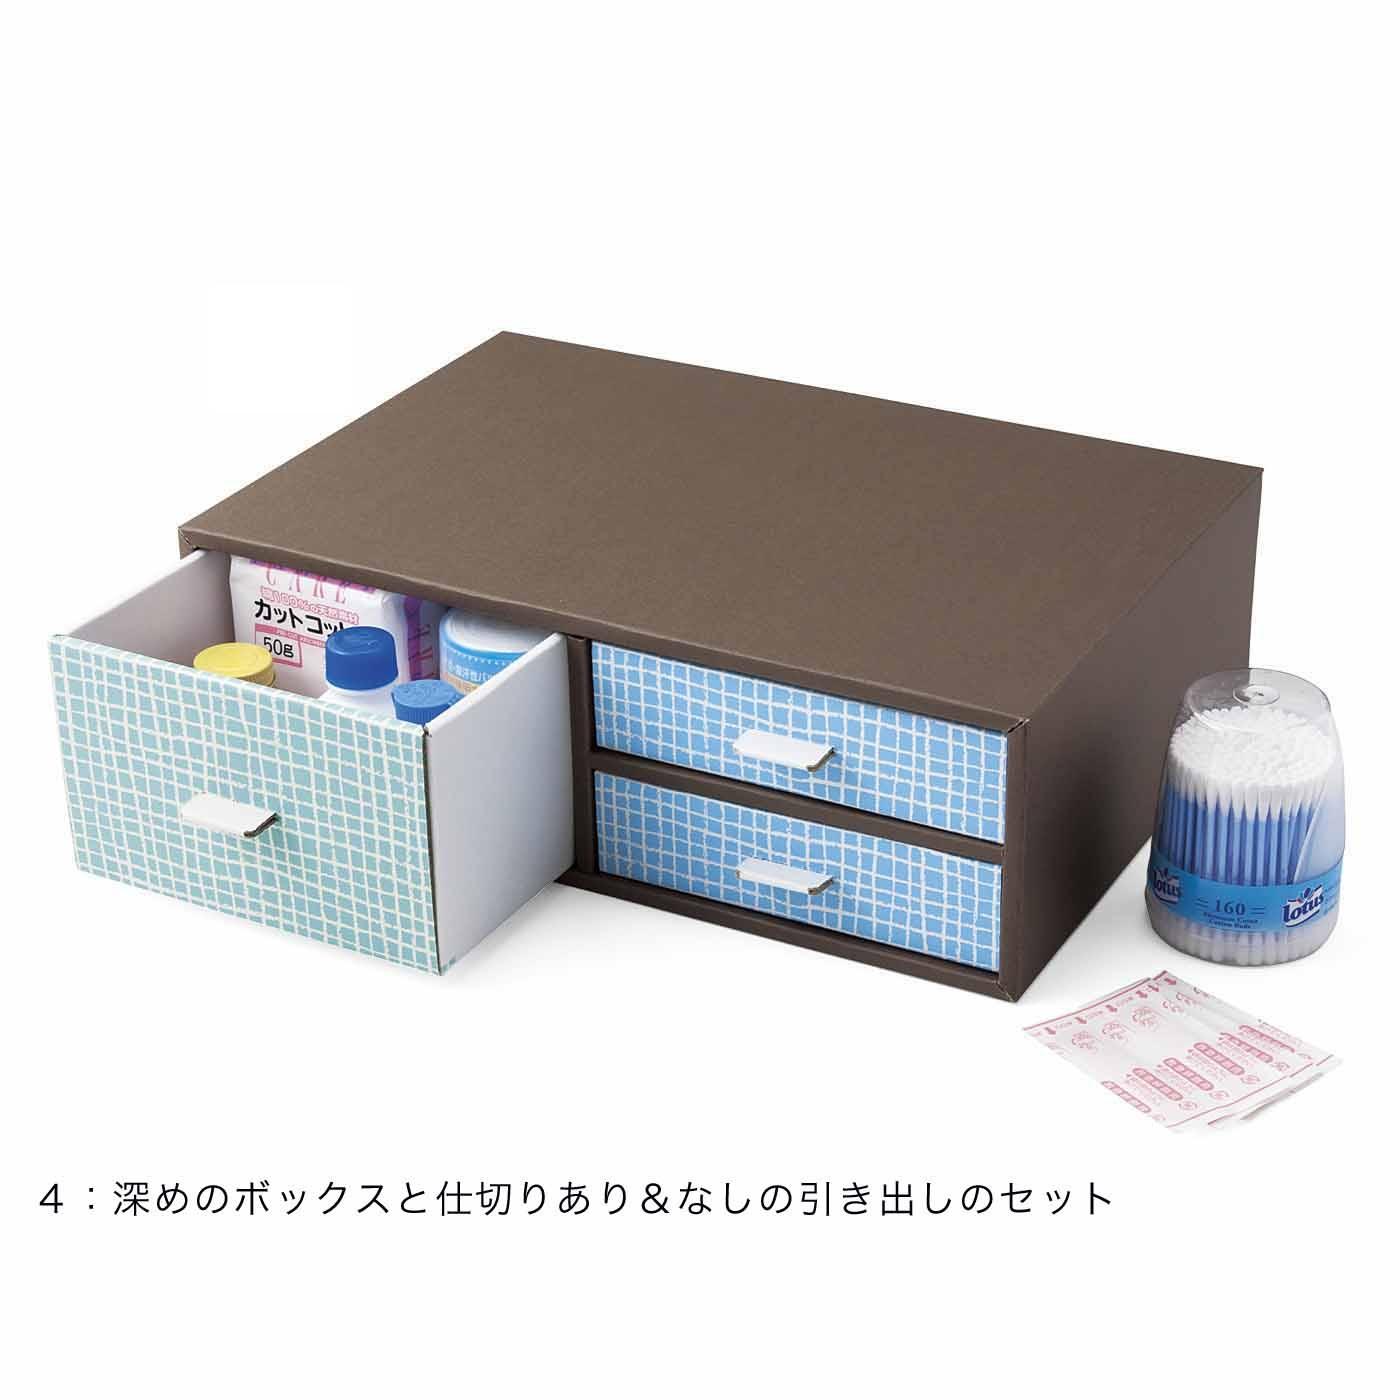 救急箱がわりに、お薬の収納に。深めのボックスと仕切りあり&なしの引き出しのセット。